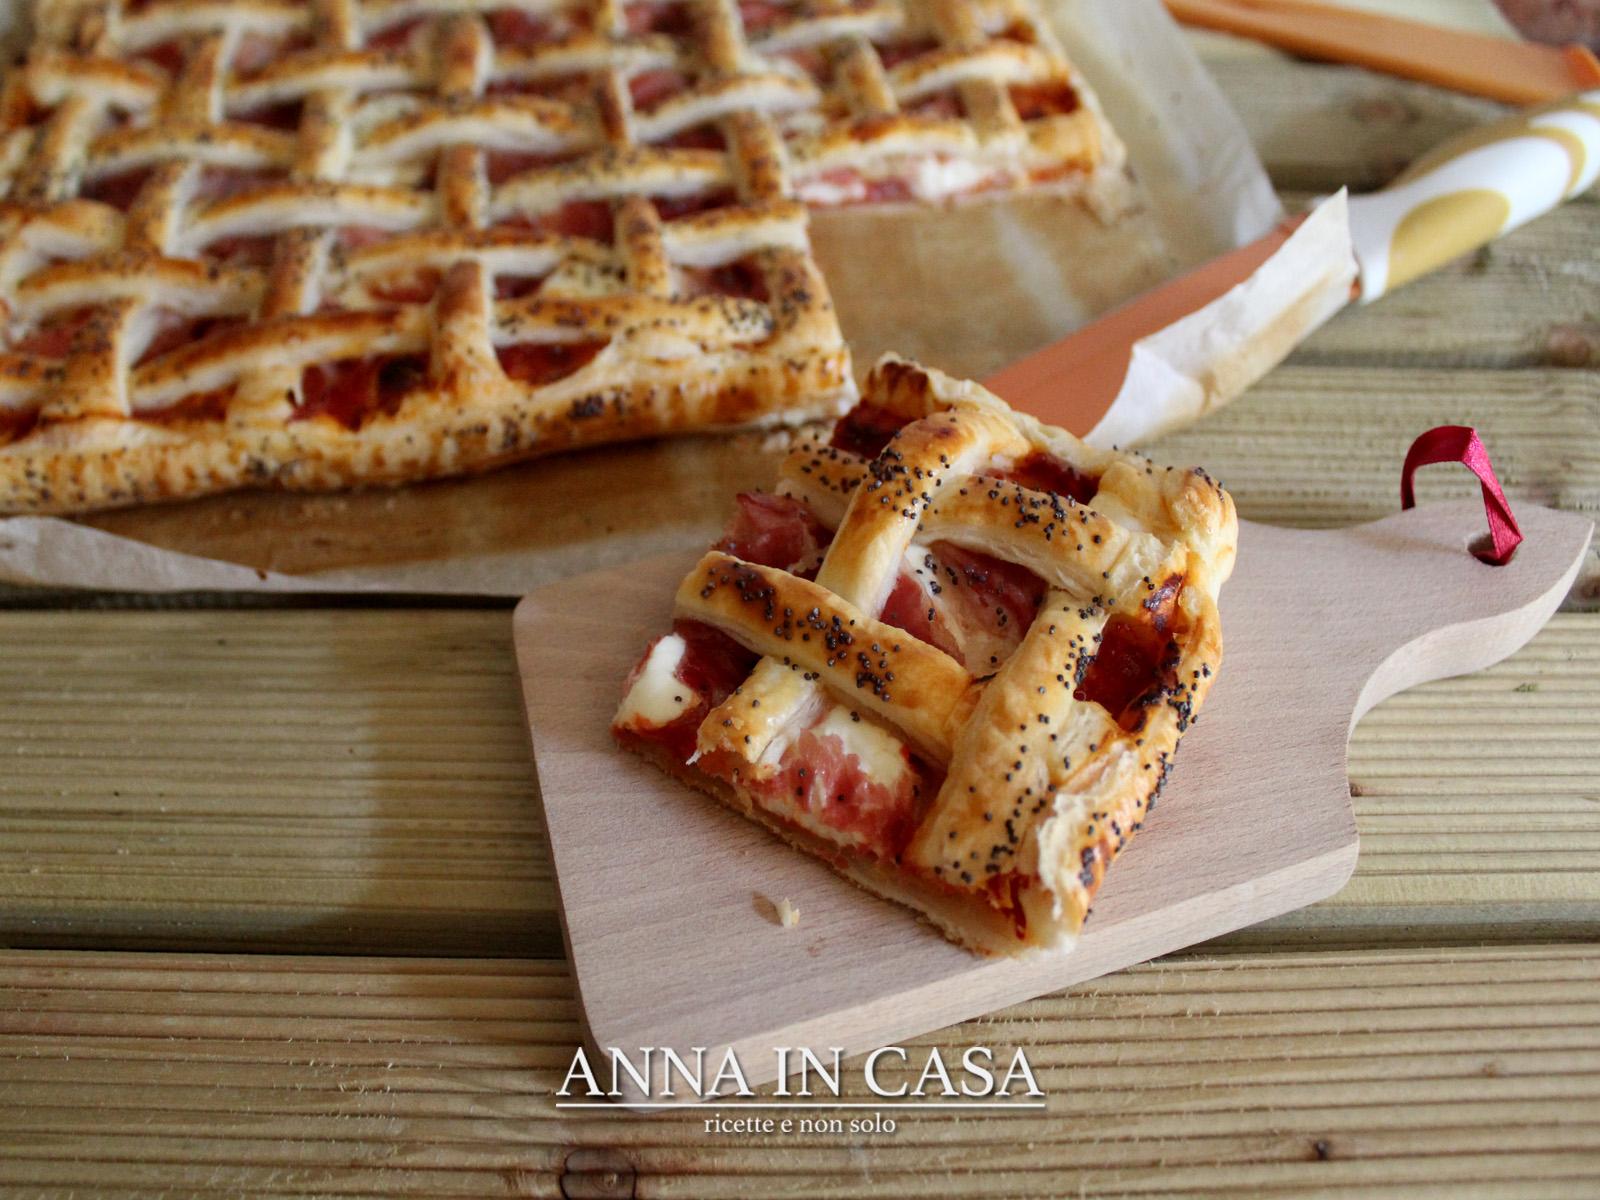 Anna in casa - ricette non solo